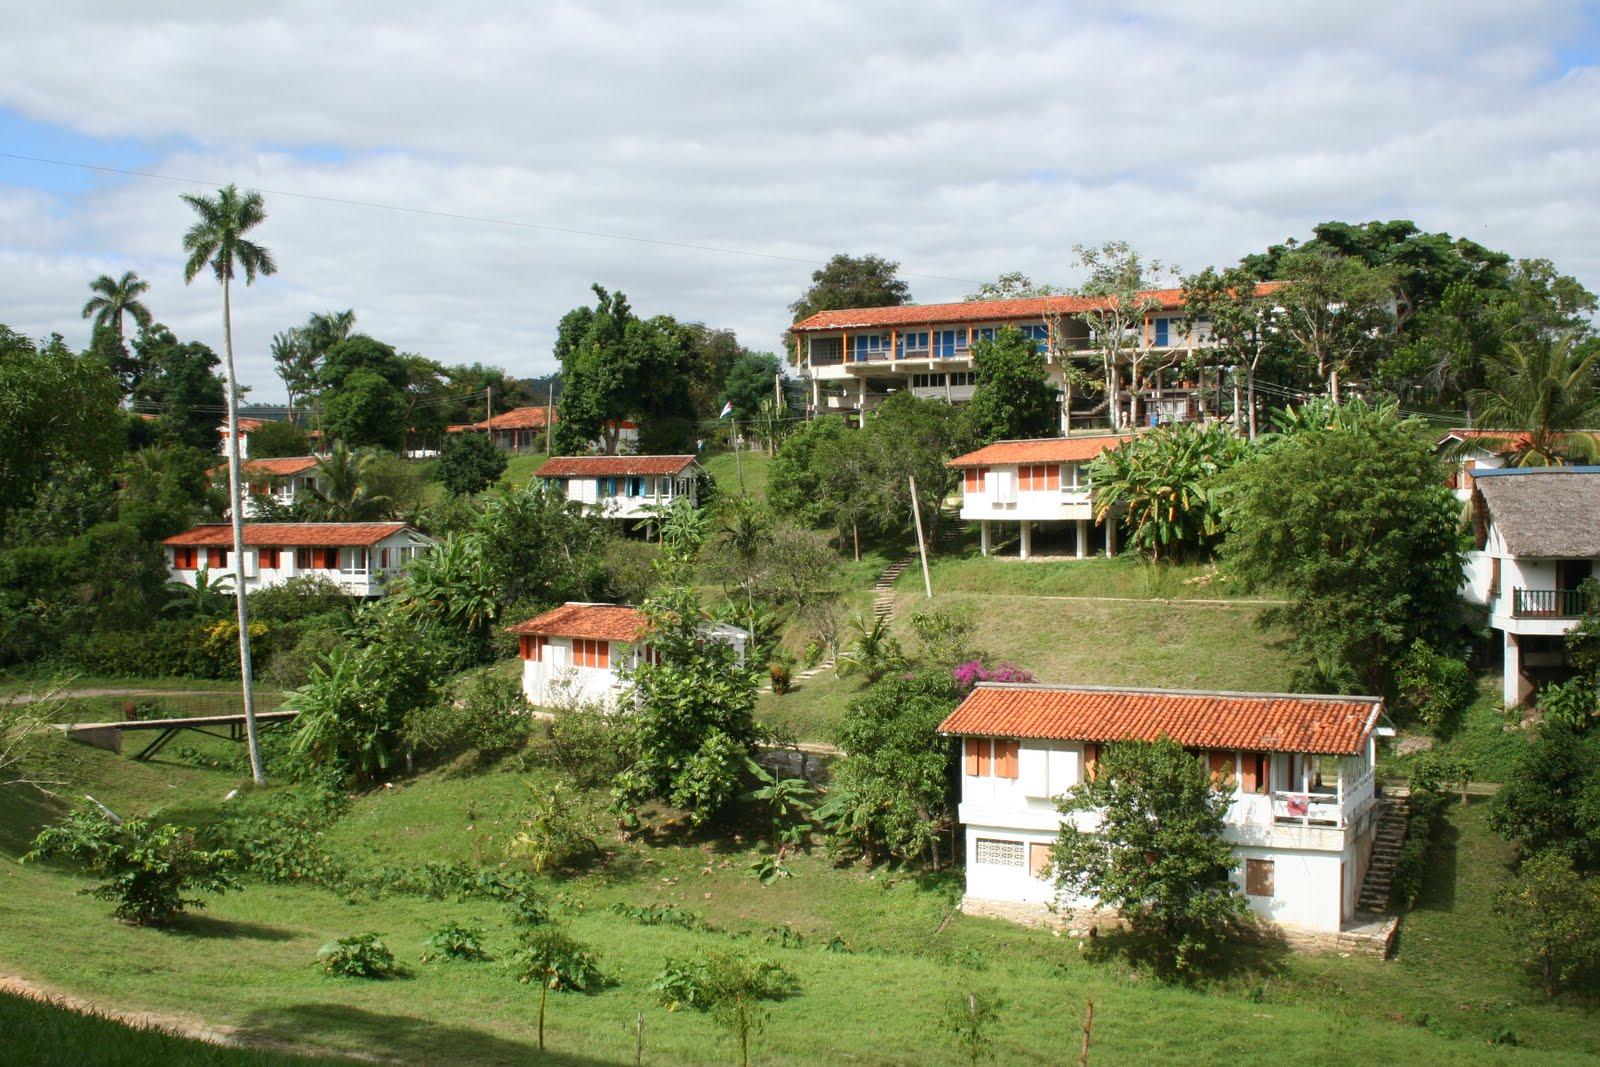 Cuba hotels and rental cars excursion to las terrazas - Fotos de terrazas ...